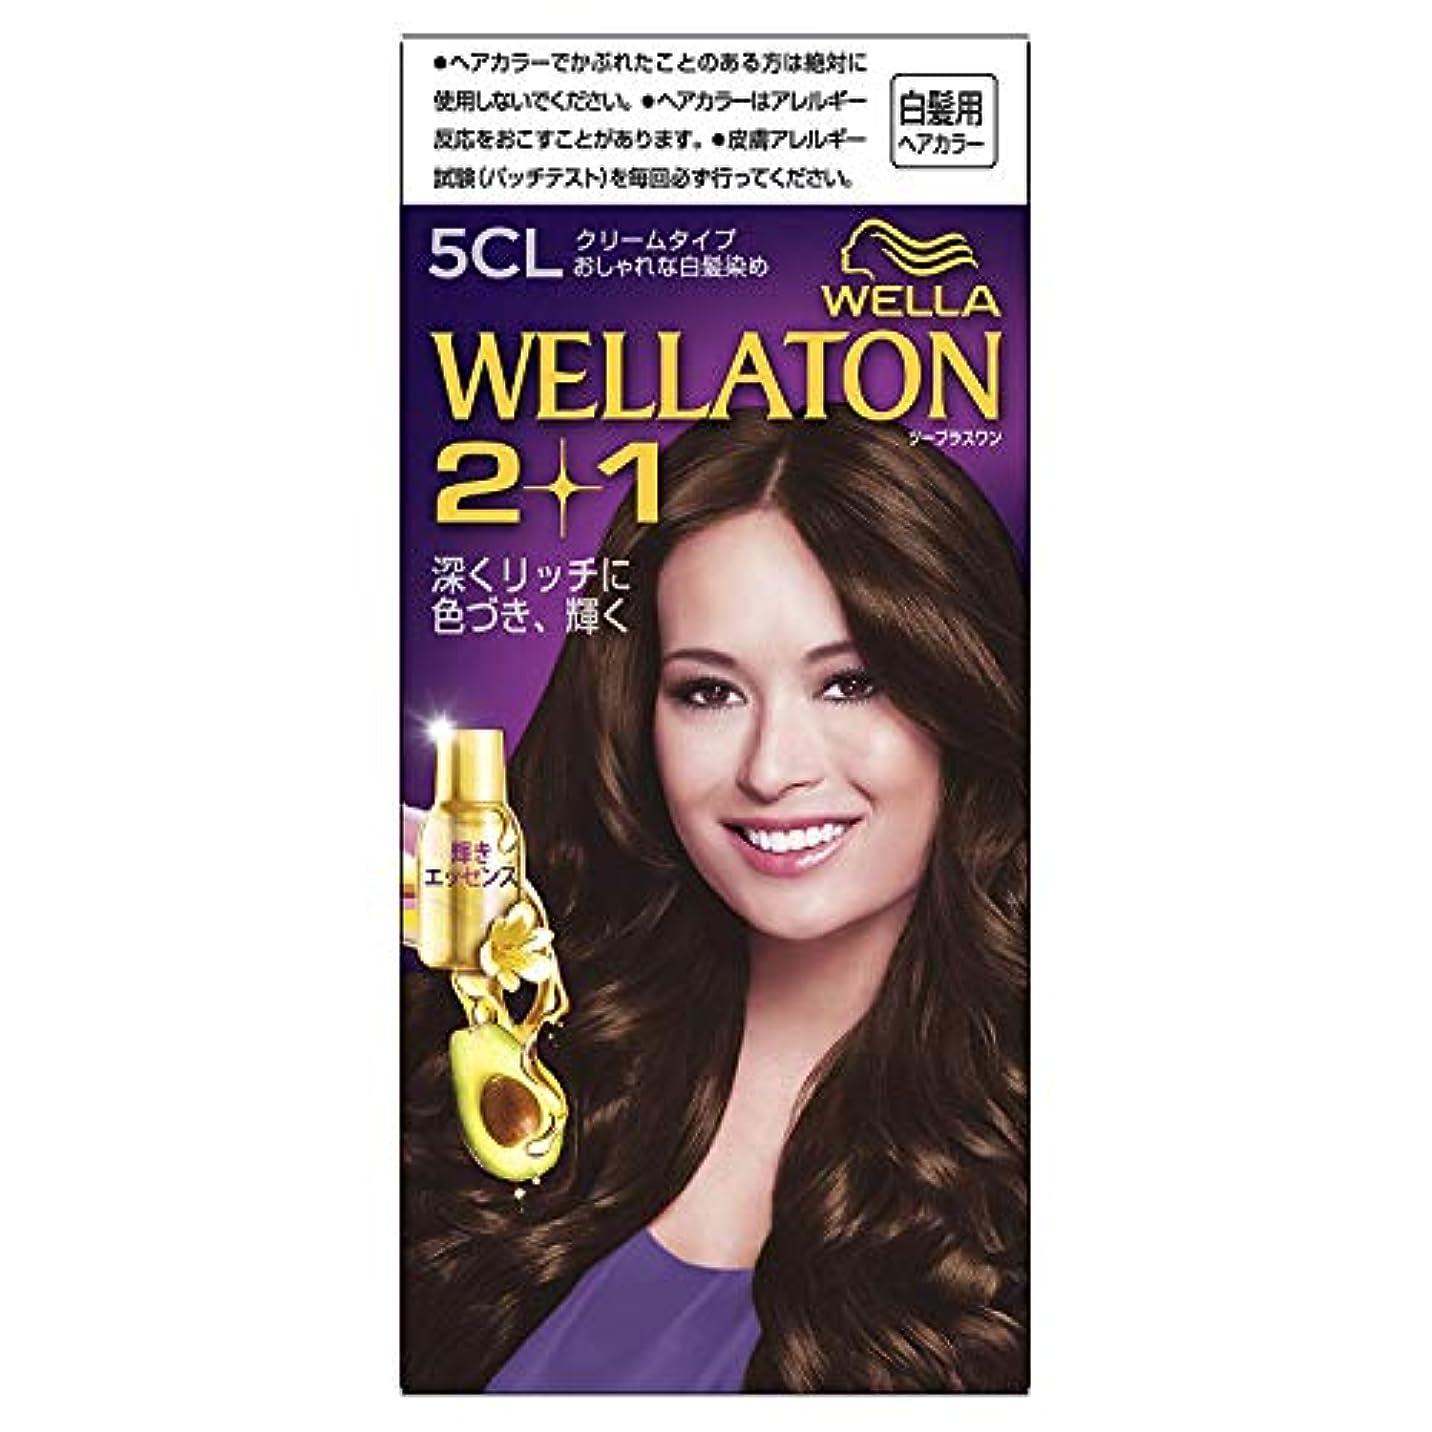 原点バイパス刺激するウエラトーン2+1 クリームタイプ 5CL [医薬部外品] ×6個